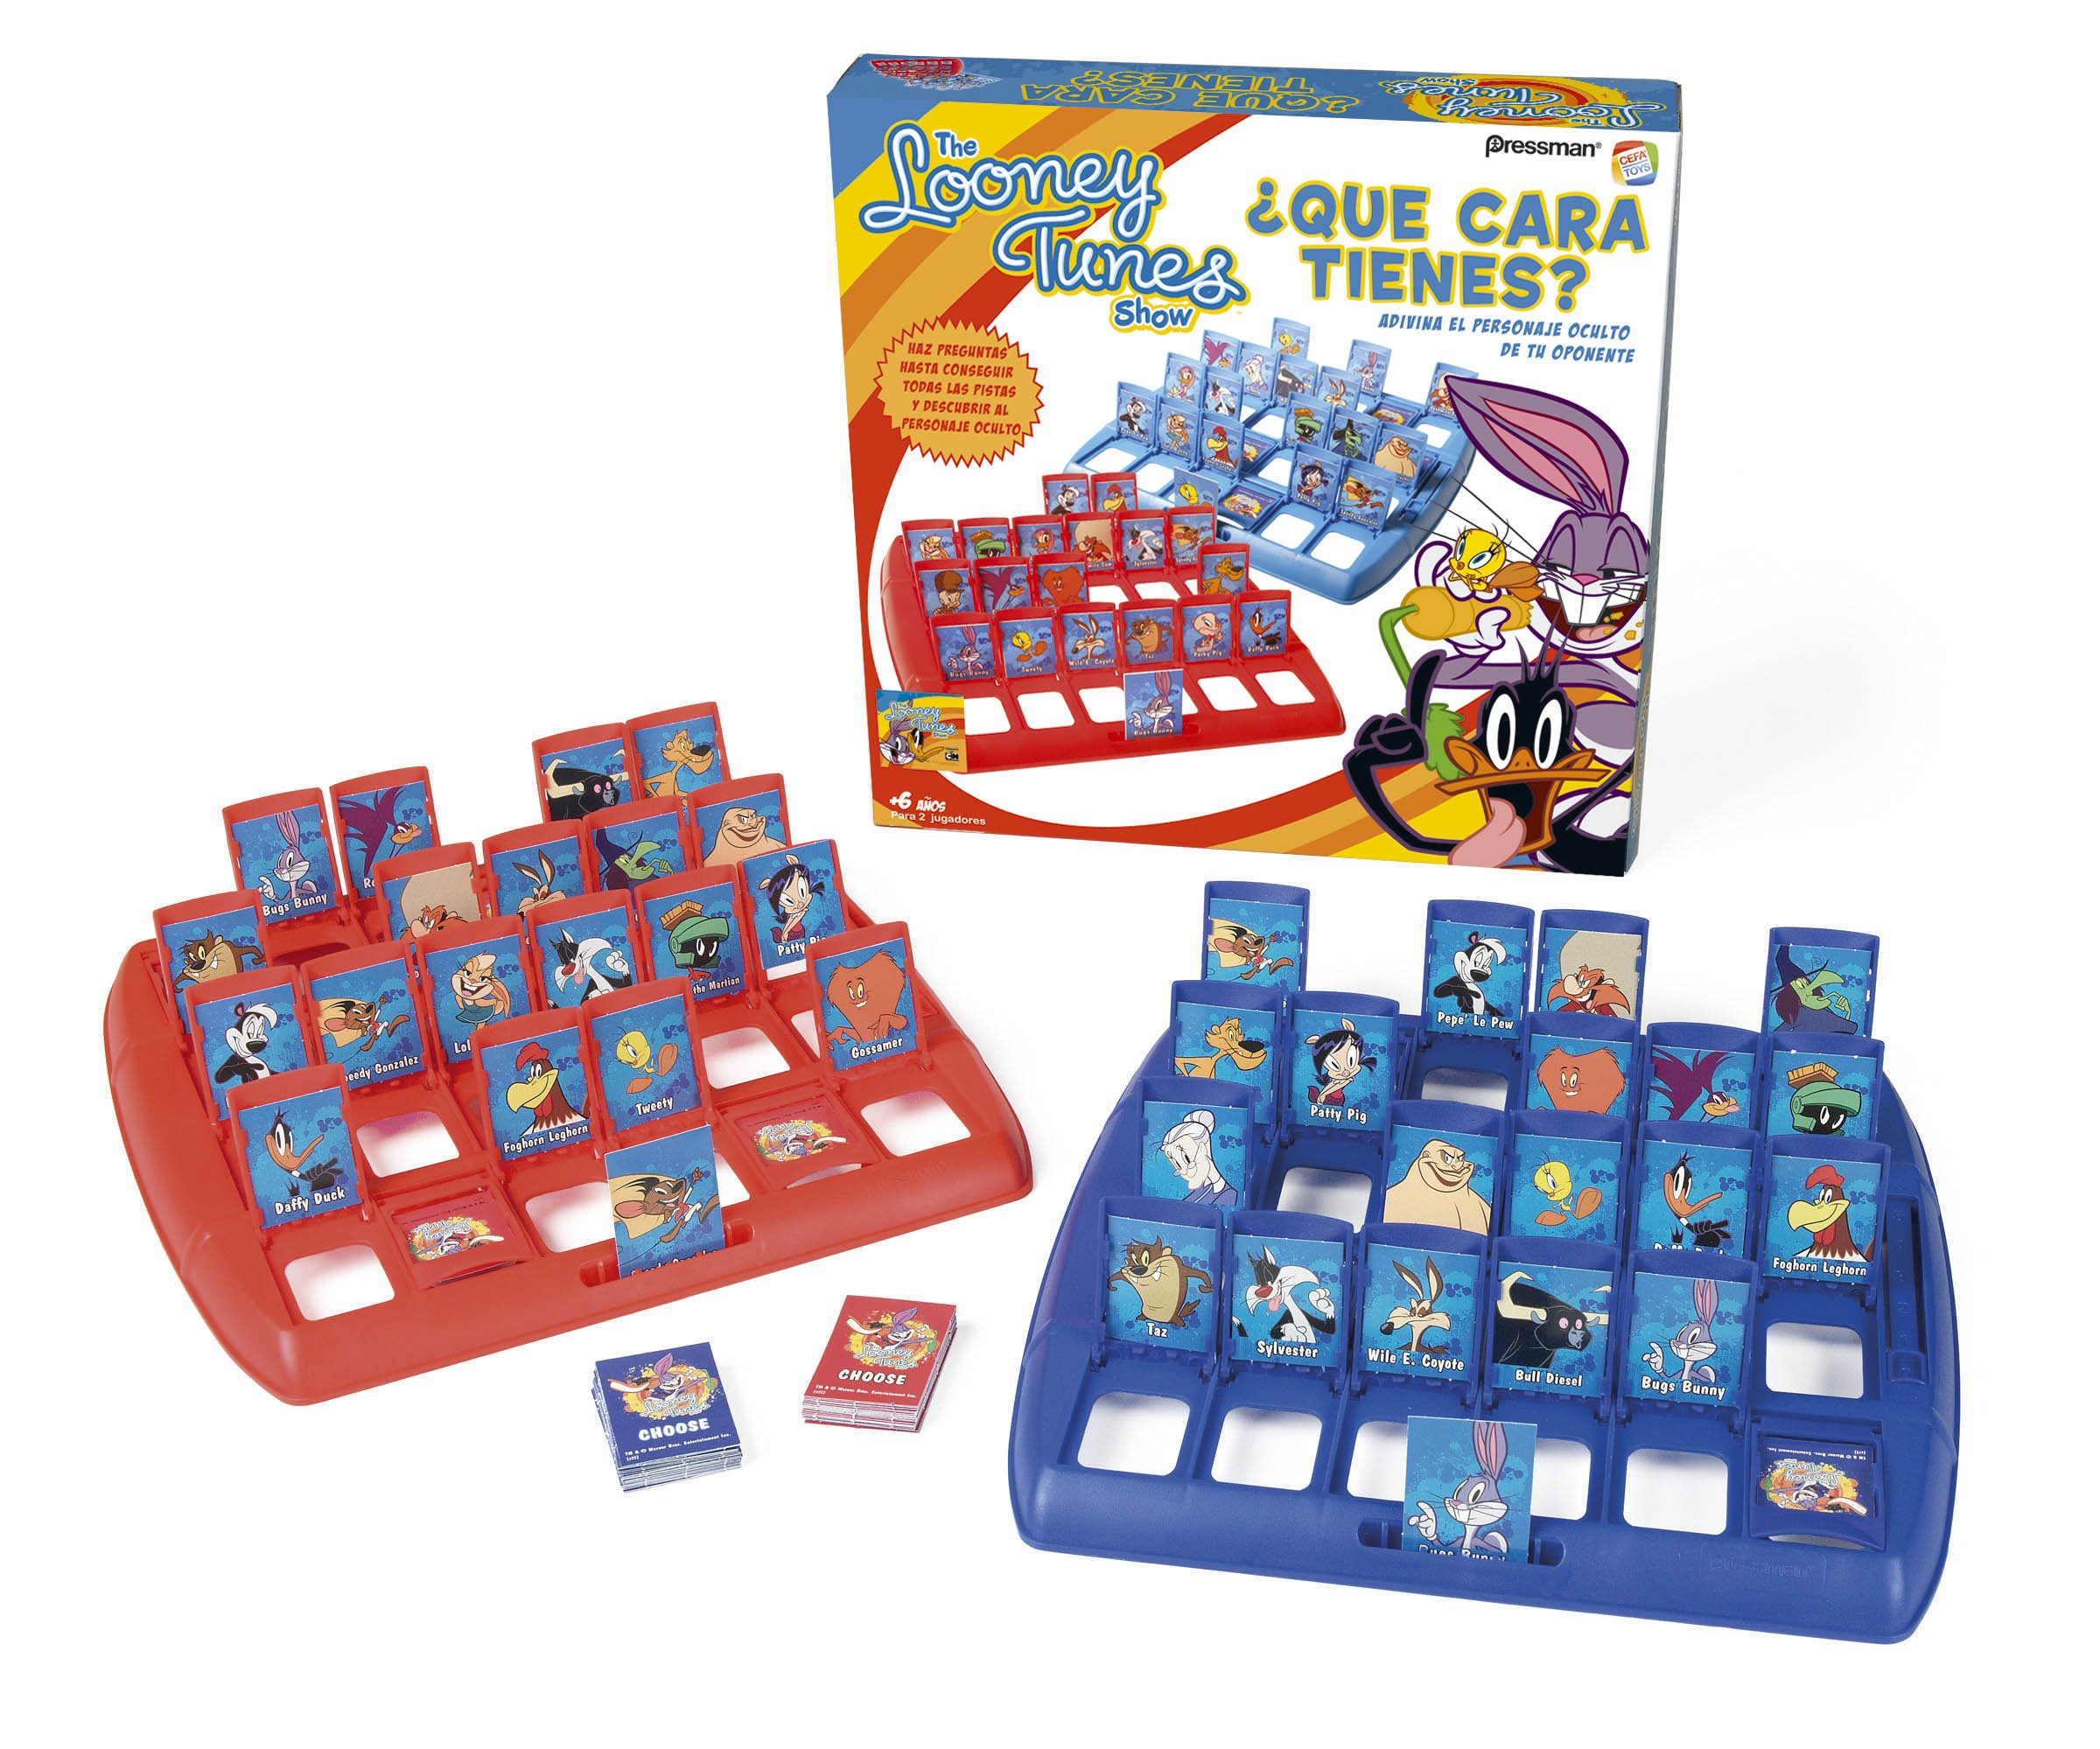 LOONEY TUNES - Qué Cara Tienes, Juego de Mesa (Cefa Toys 04526): Amazon.es: Juguetes y juegos